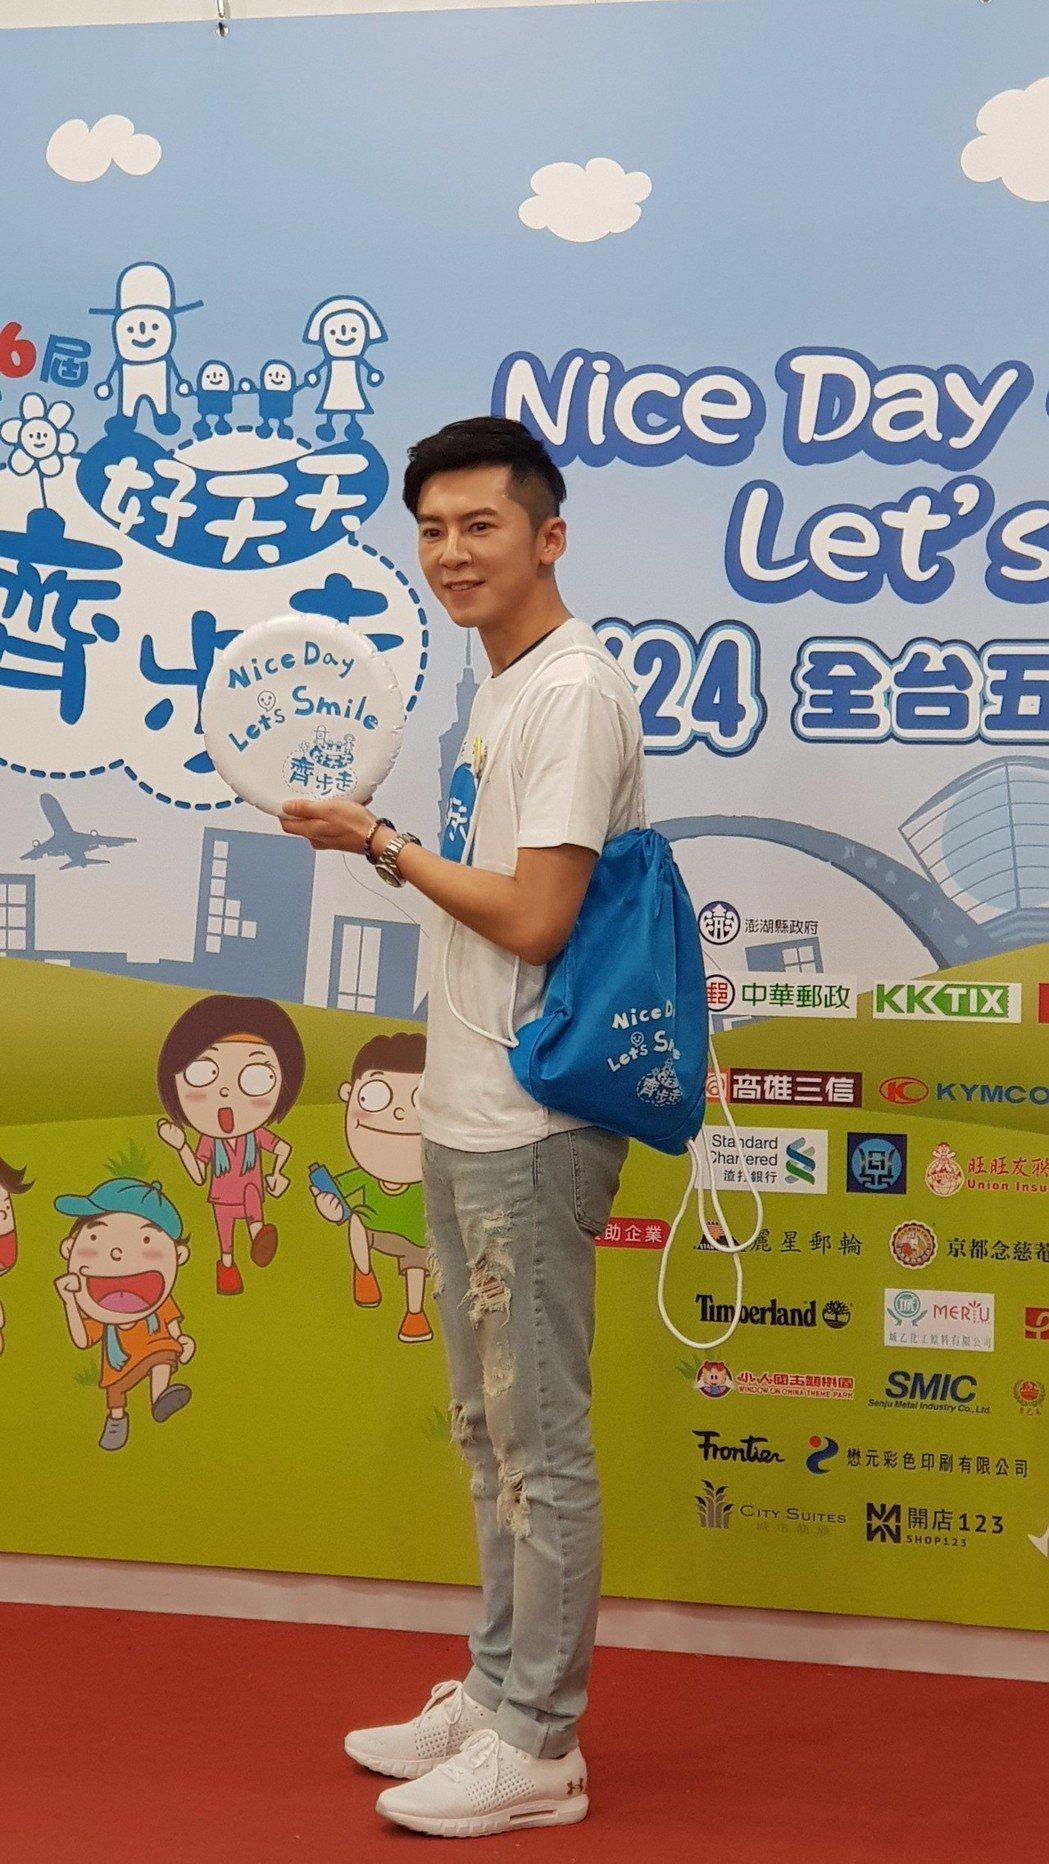 李國毅出席公益活動,推廣義賣背包。記者杜沛學/攝影